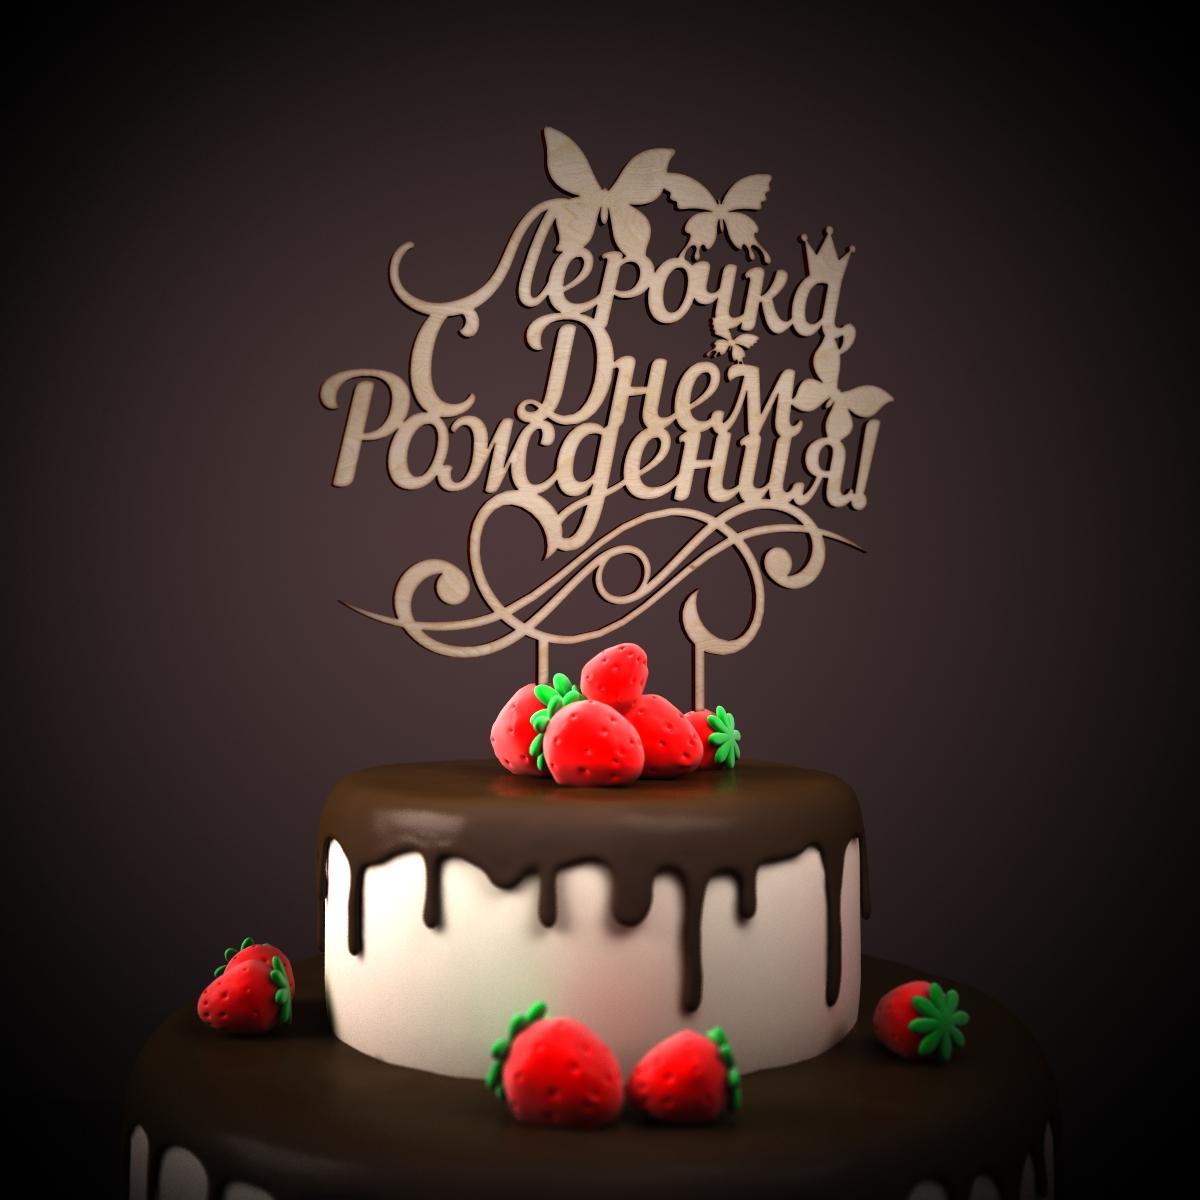 Поздравления с днем рождения лера 3 года